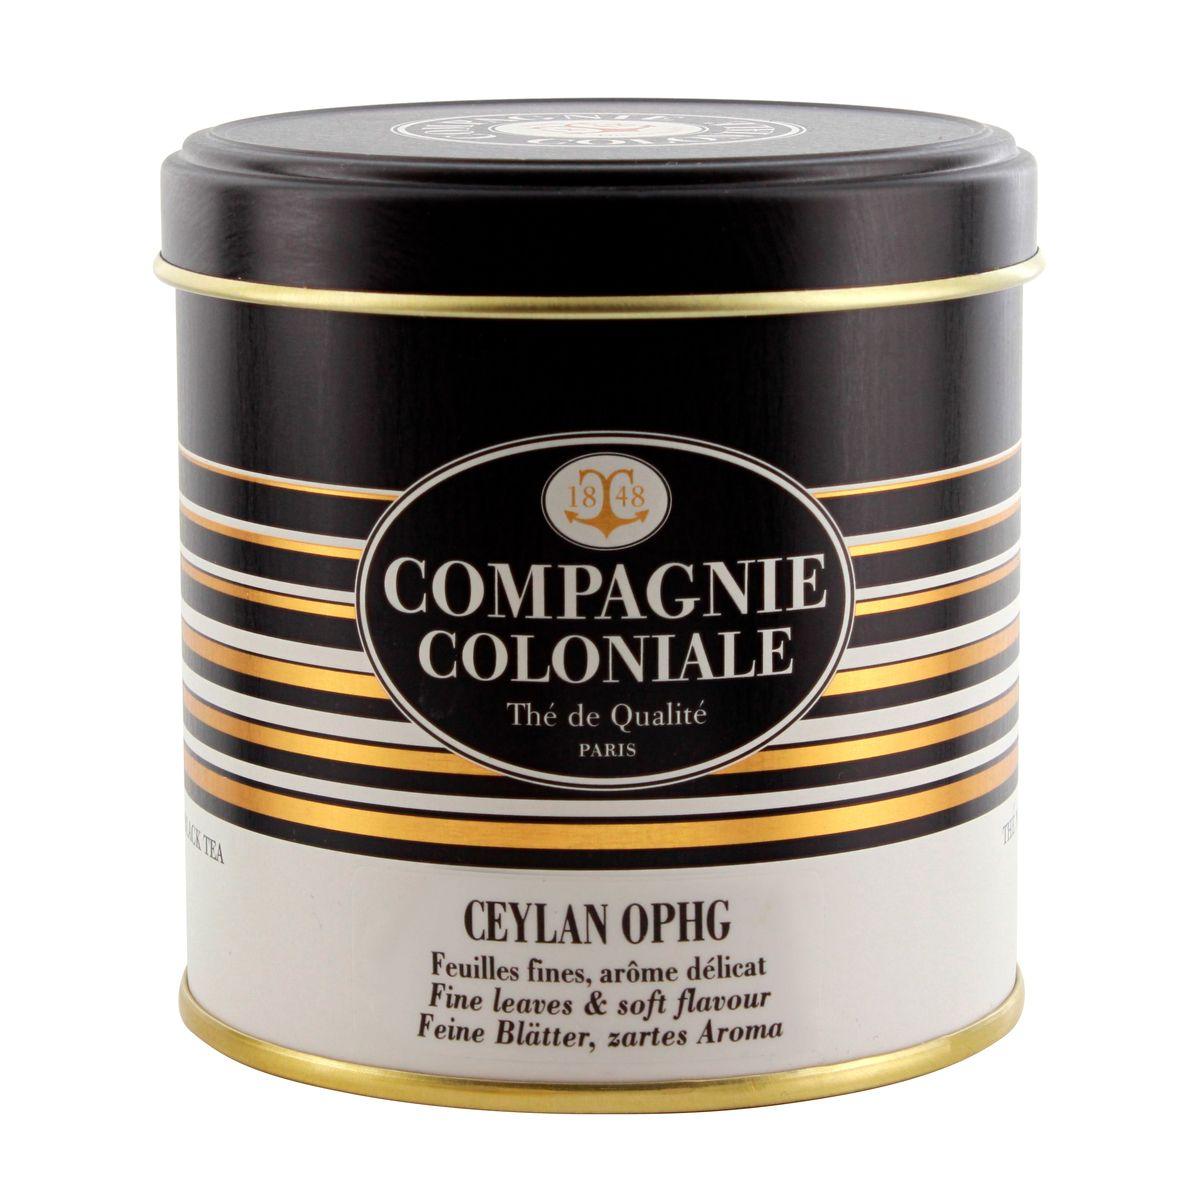 Thé noir nature boîte métal Ceylan ophg 100gr - Compagnie Coloniale